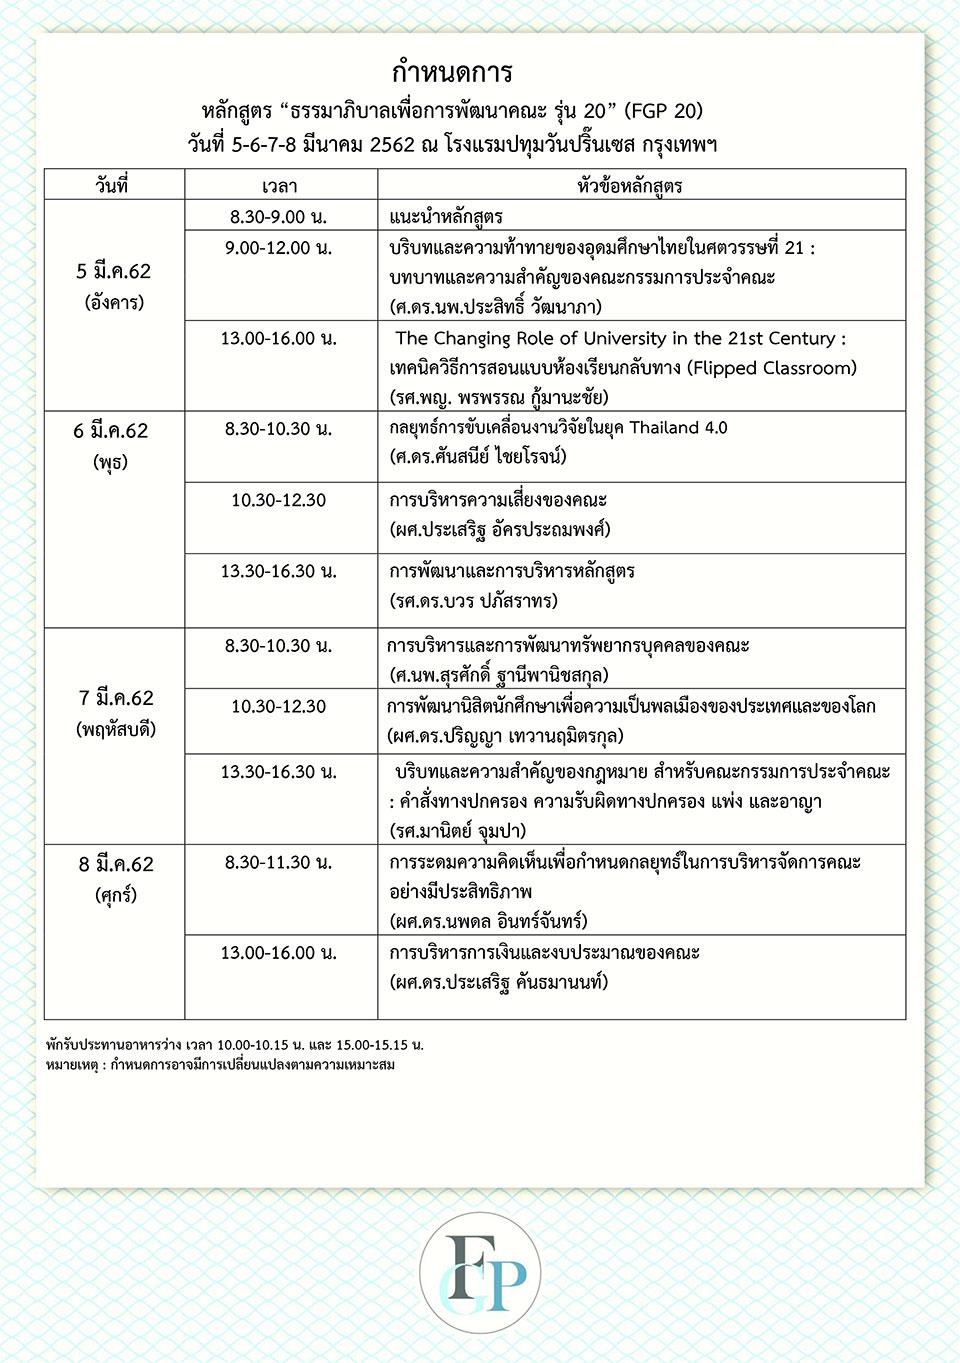 agenda-fgp20